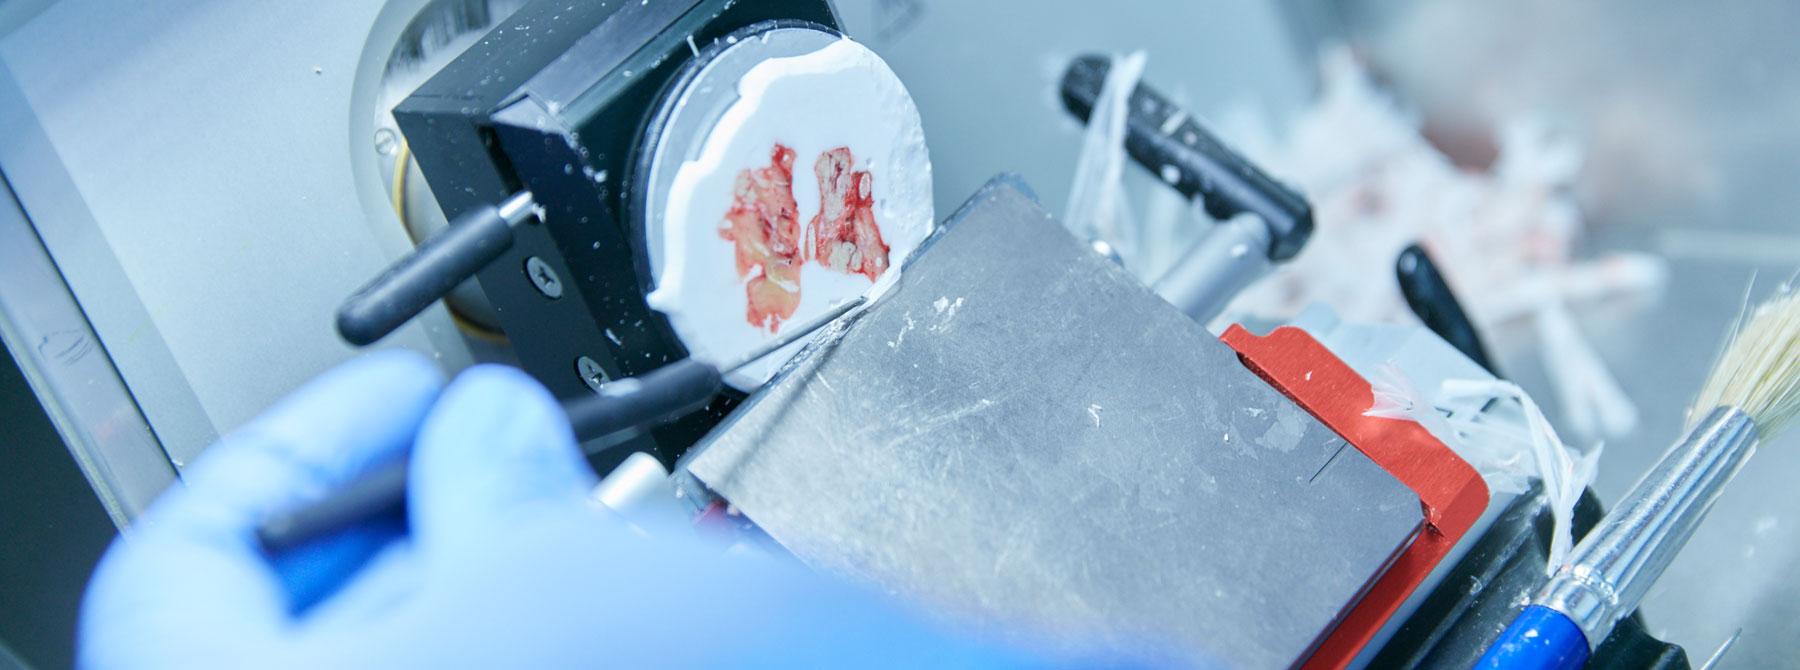 Schnellschnitte erfolgen an nativem, nicht eingebetteten Material. Im Schnellschnittlabor wird die Gewebeprobe zunächst vom Pathologen zugeschnitten und anschließend von MTAs histotechnisch präpariert (Auffrieren der Probe und Schneiden am Kryostaten, Aufziehen der Schnitte auf Objektträger und Schnellfärbung.